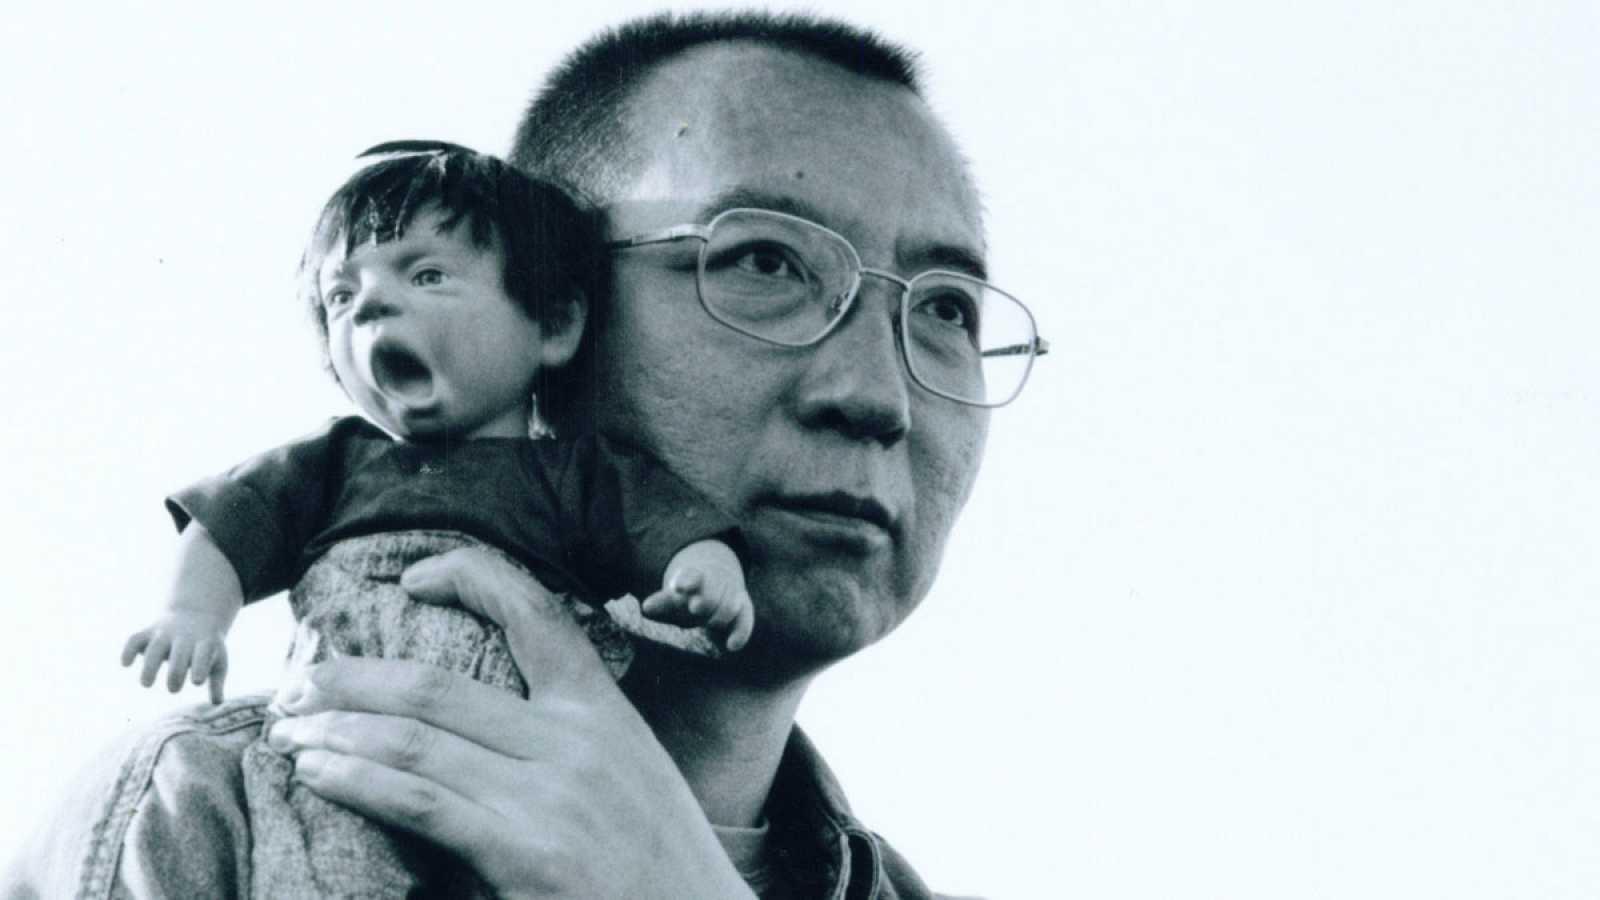 El disidente chino Liu Xiaobo, en una imagen de fecha desconocida